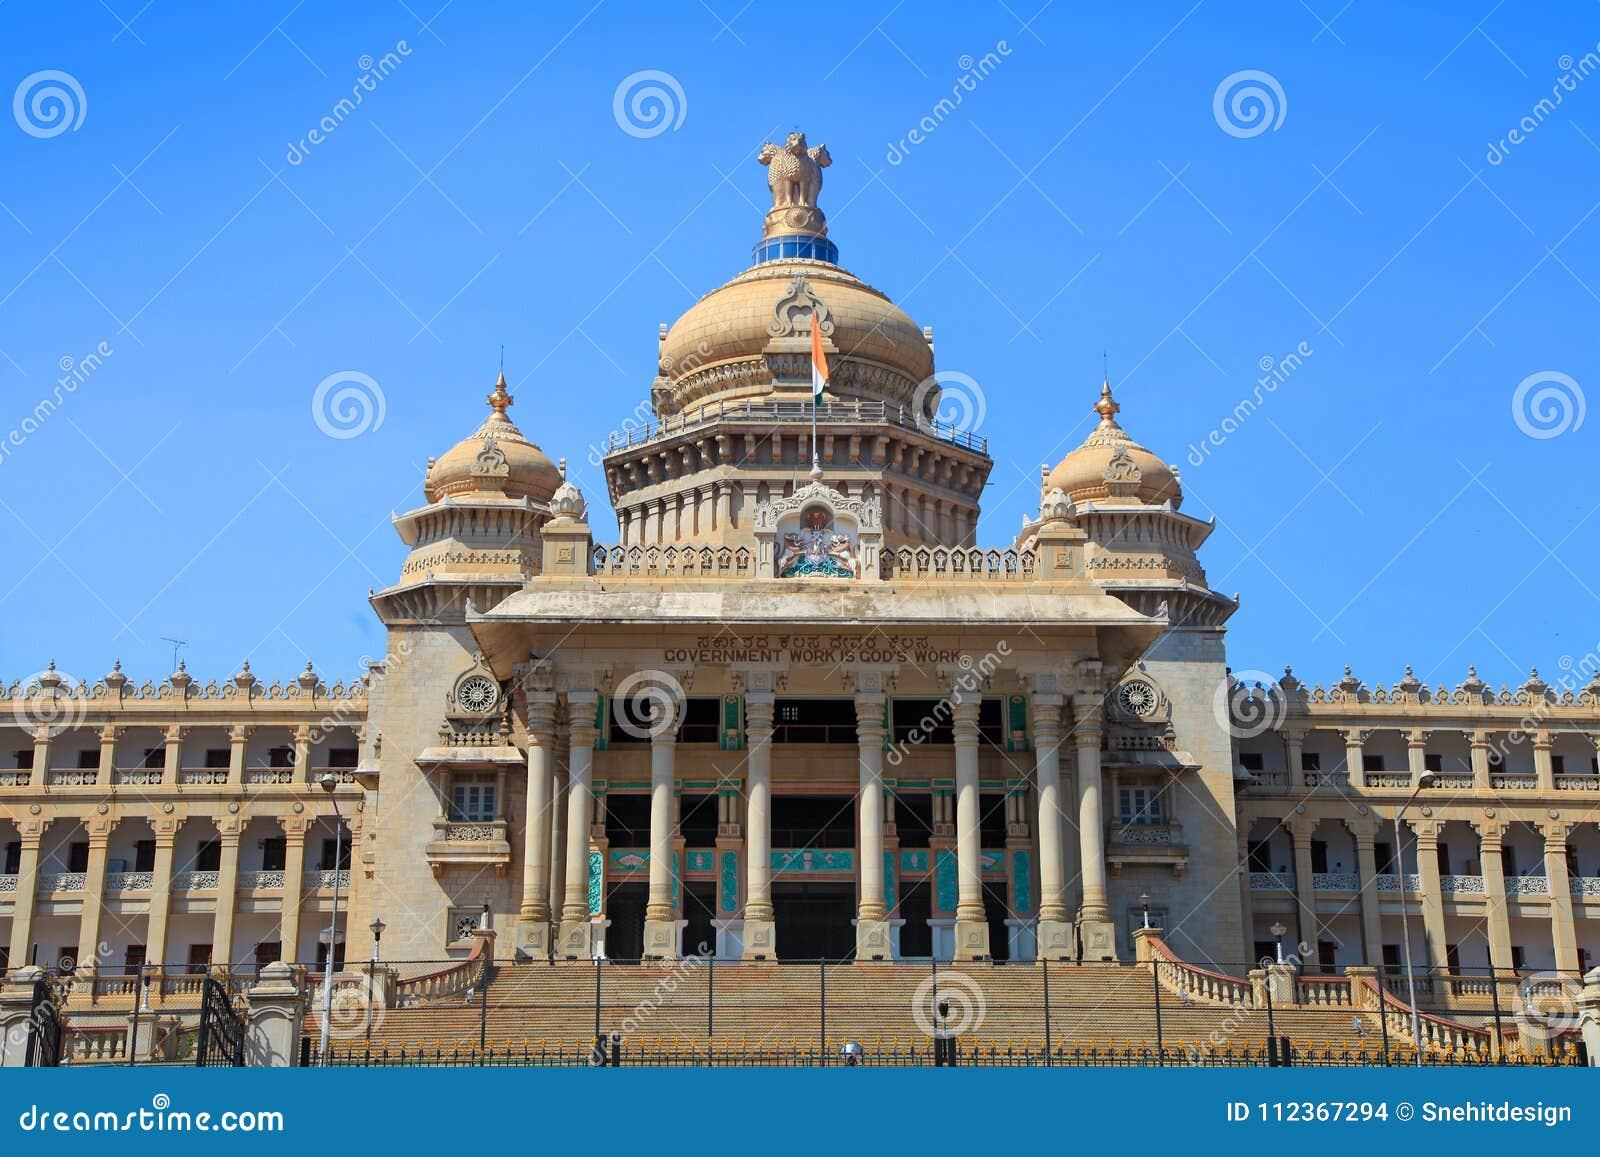 Karnataka-Landtagshaus in der Stadt von Bangalore, Indien